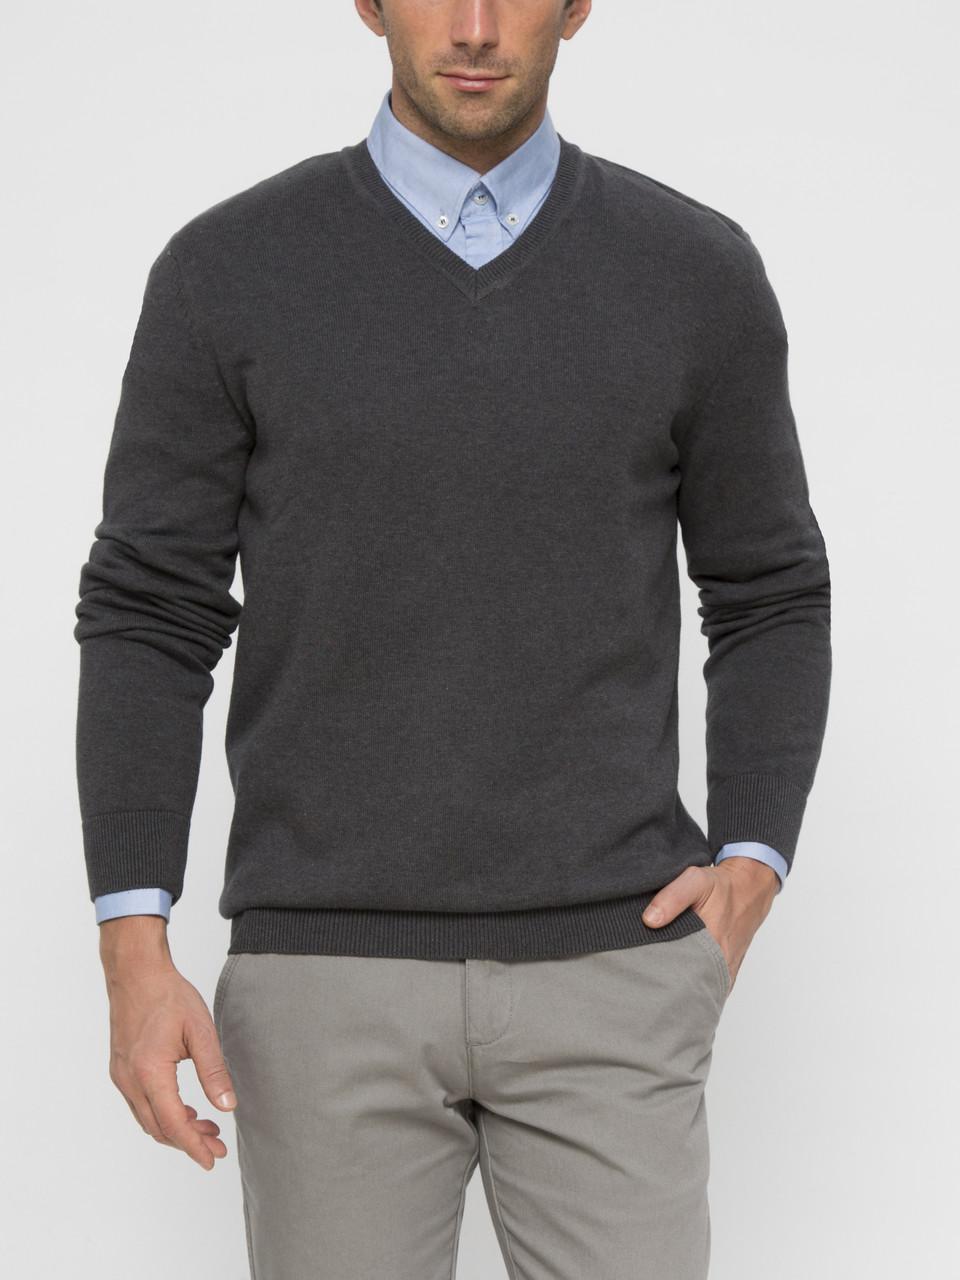 Cерый мужской свитер LC Waikiki / ЛС Вайкики с V-образным вырезом